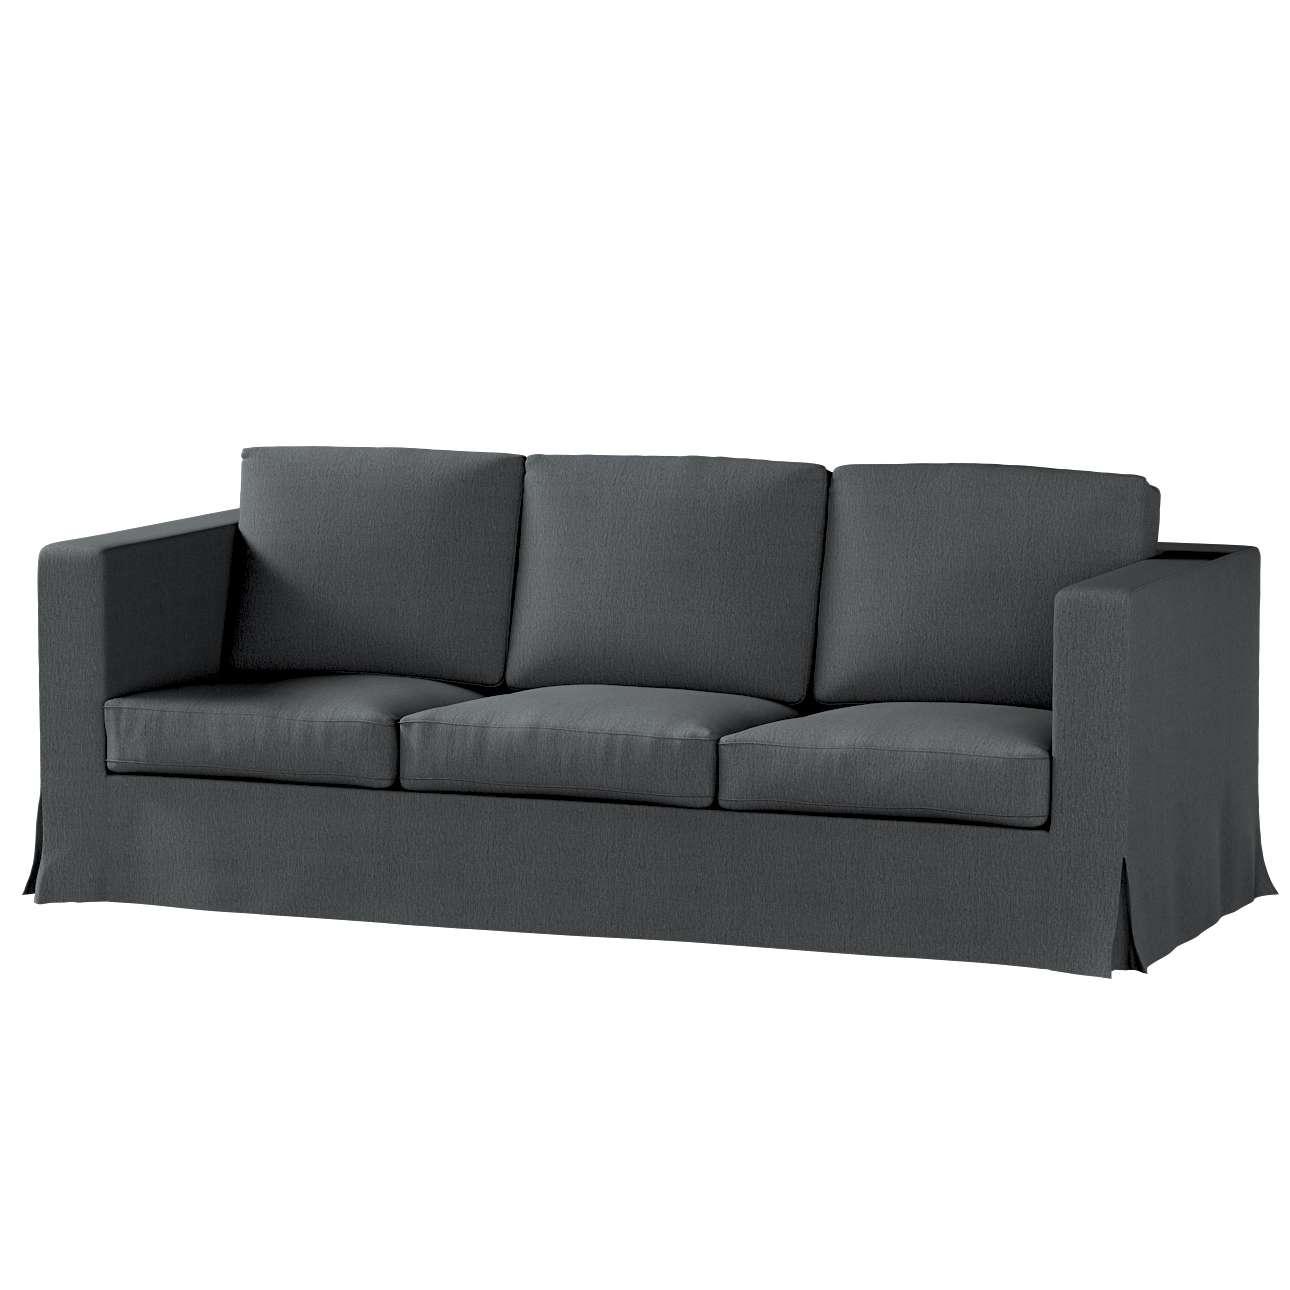 KARLANDA trivietės sofos iki žemės užvalkalas KARLANDA trivietės sofos iki žemės užvalkalas kolekcijoje Chenille, audinys: 702-20